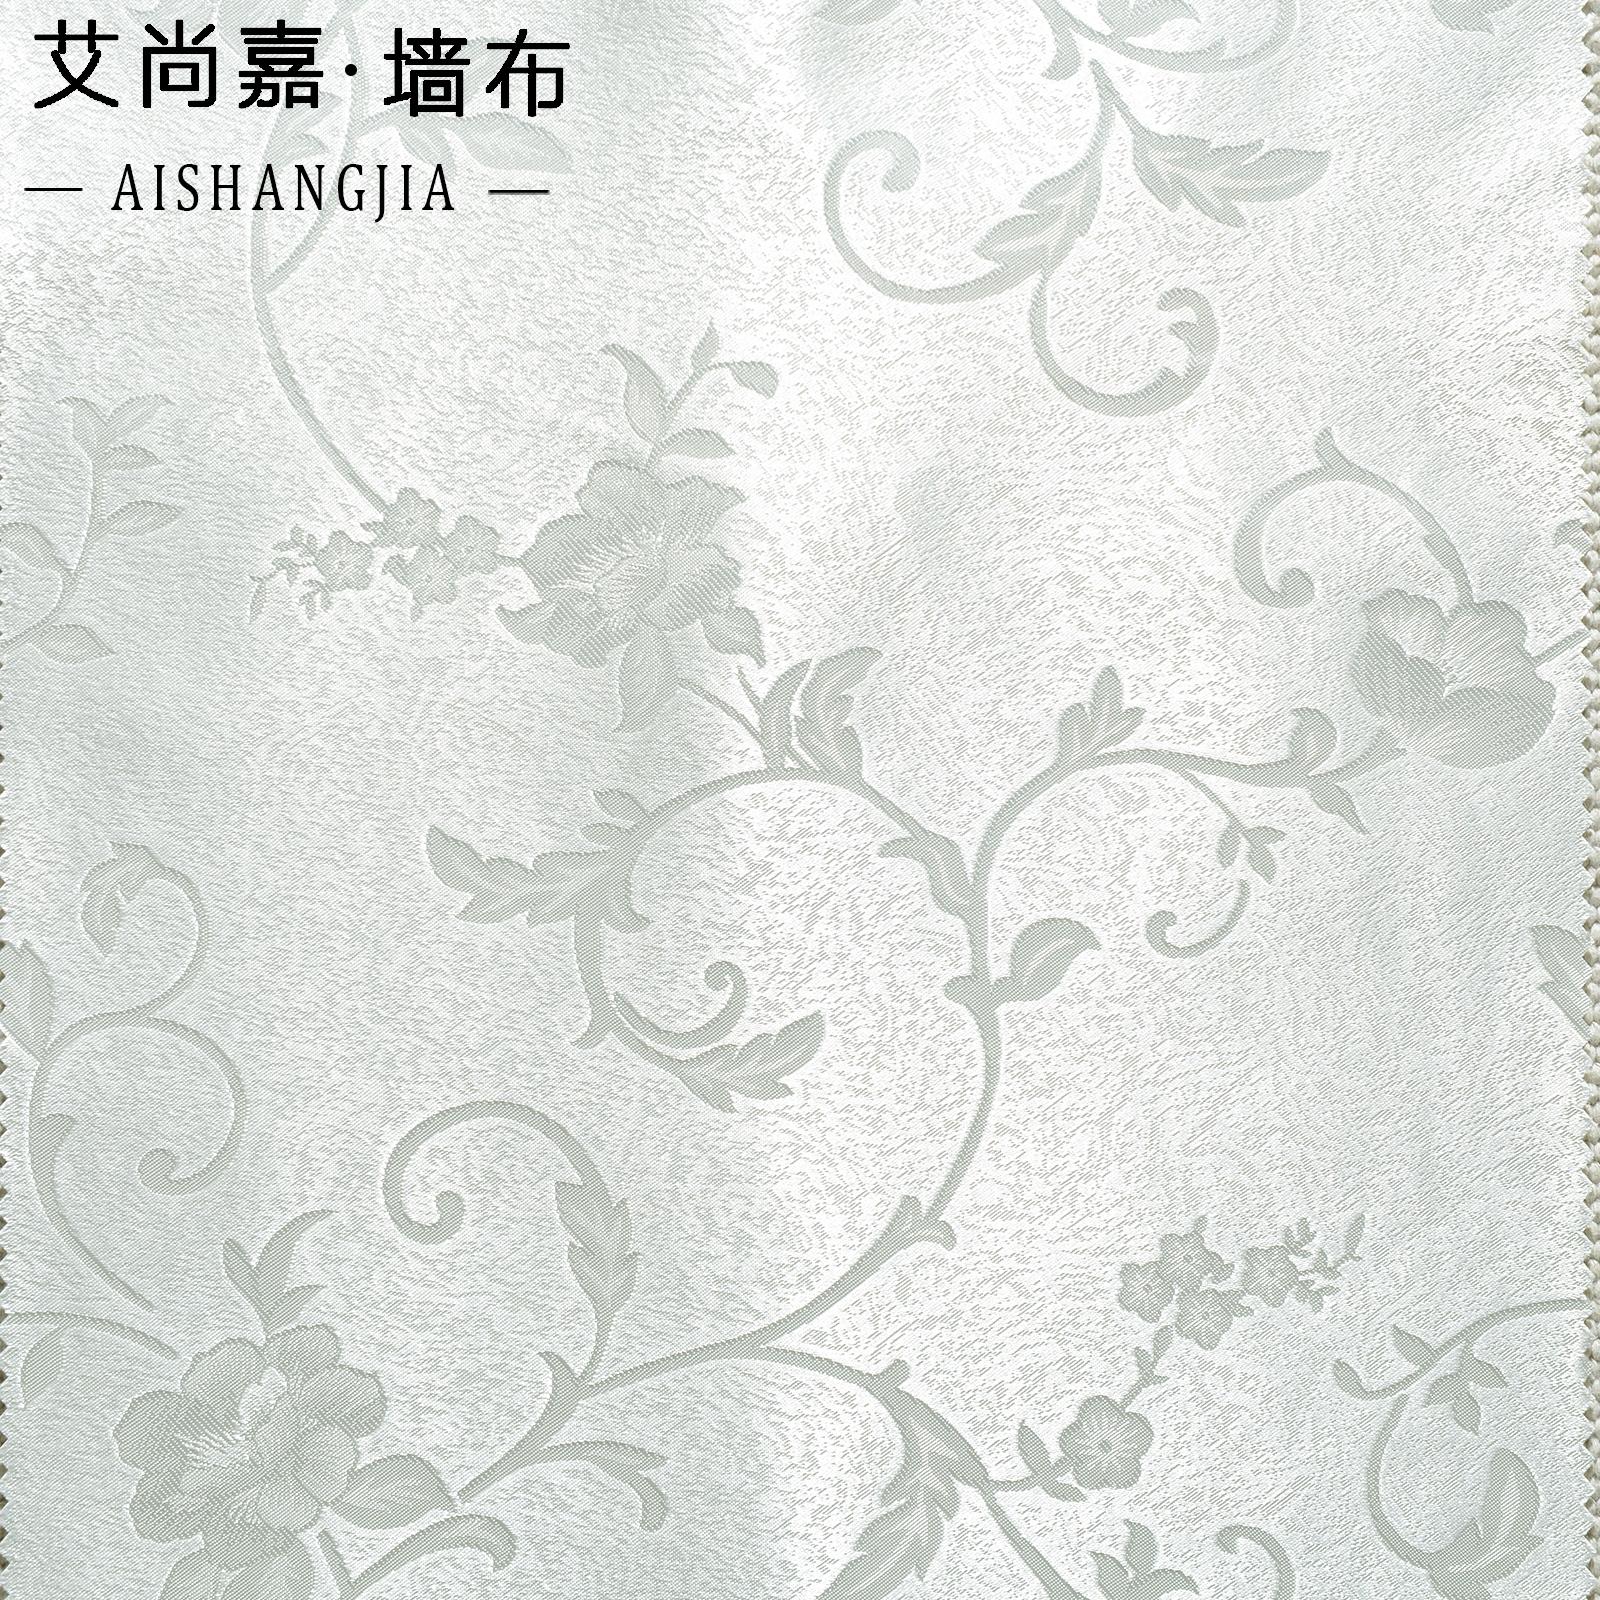 1-12樹葉花 米白色艾尚嘉歐式墻布臥室現代簡約提花刺繡田園無縫客廳壁布素色背景墻